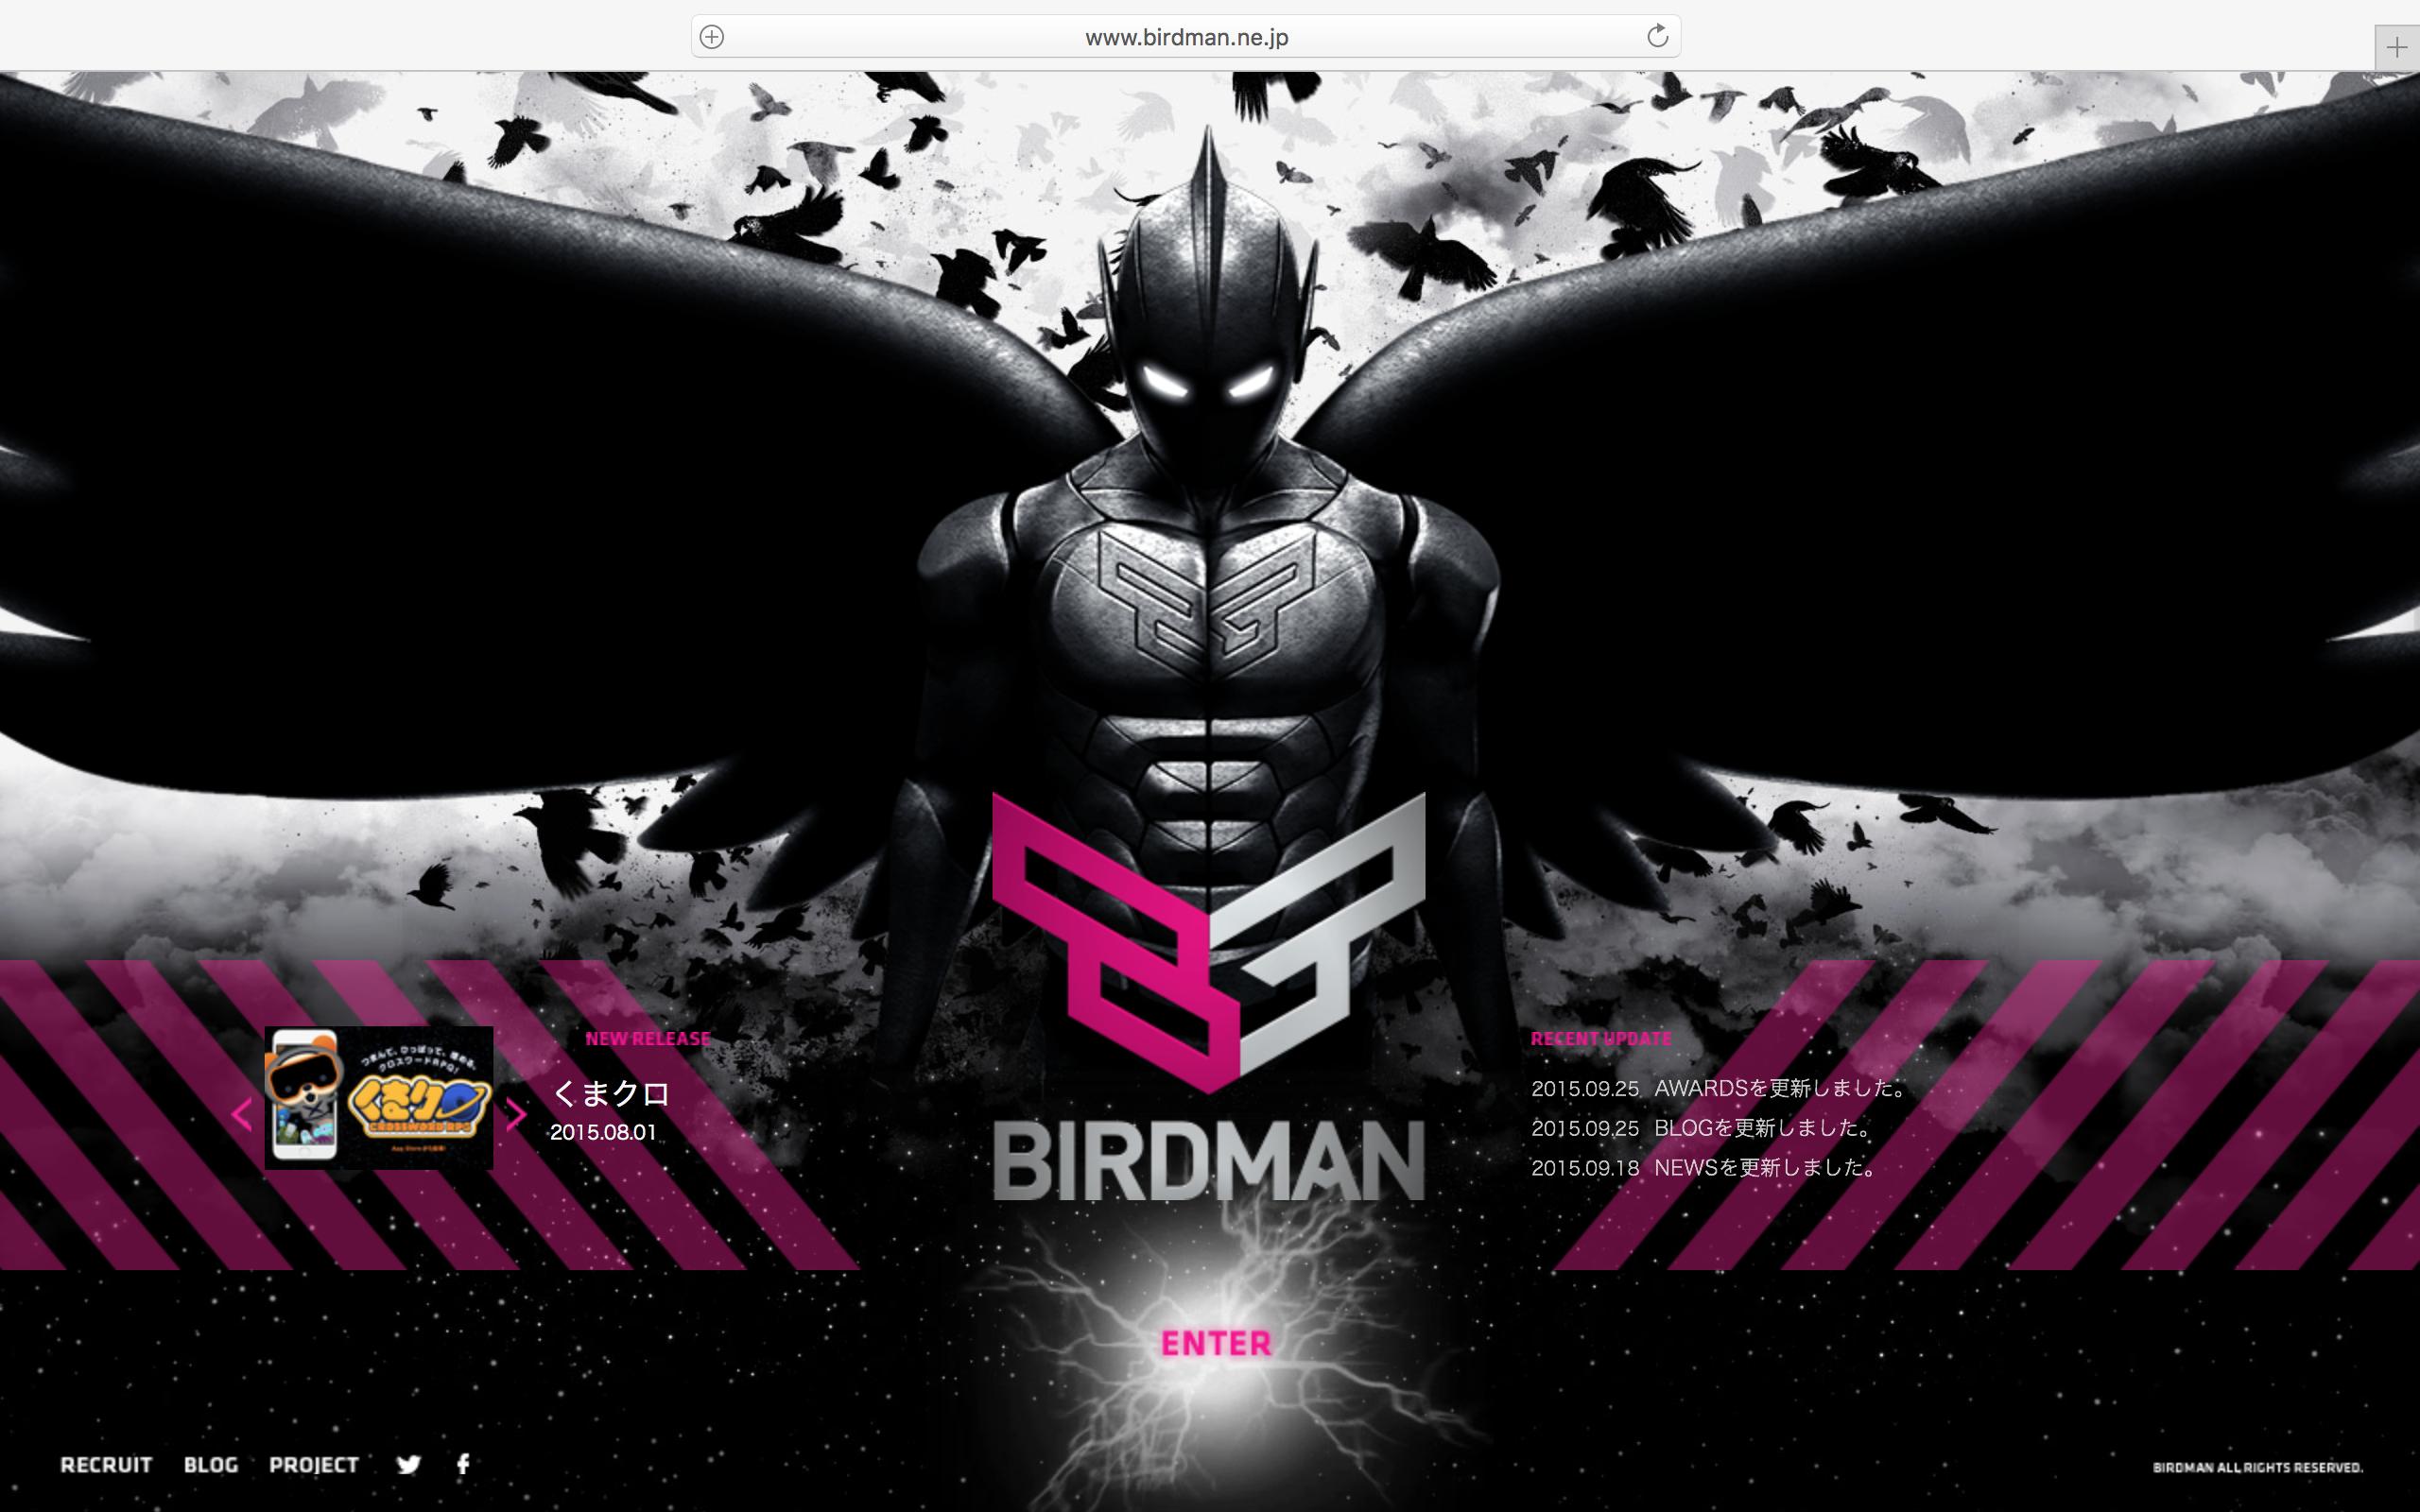 黒・ピンク - Black & Pink - BIRDMAN